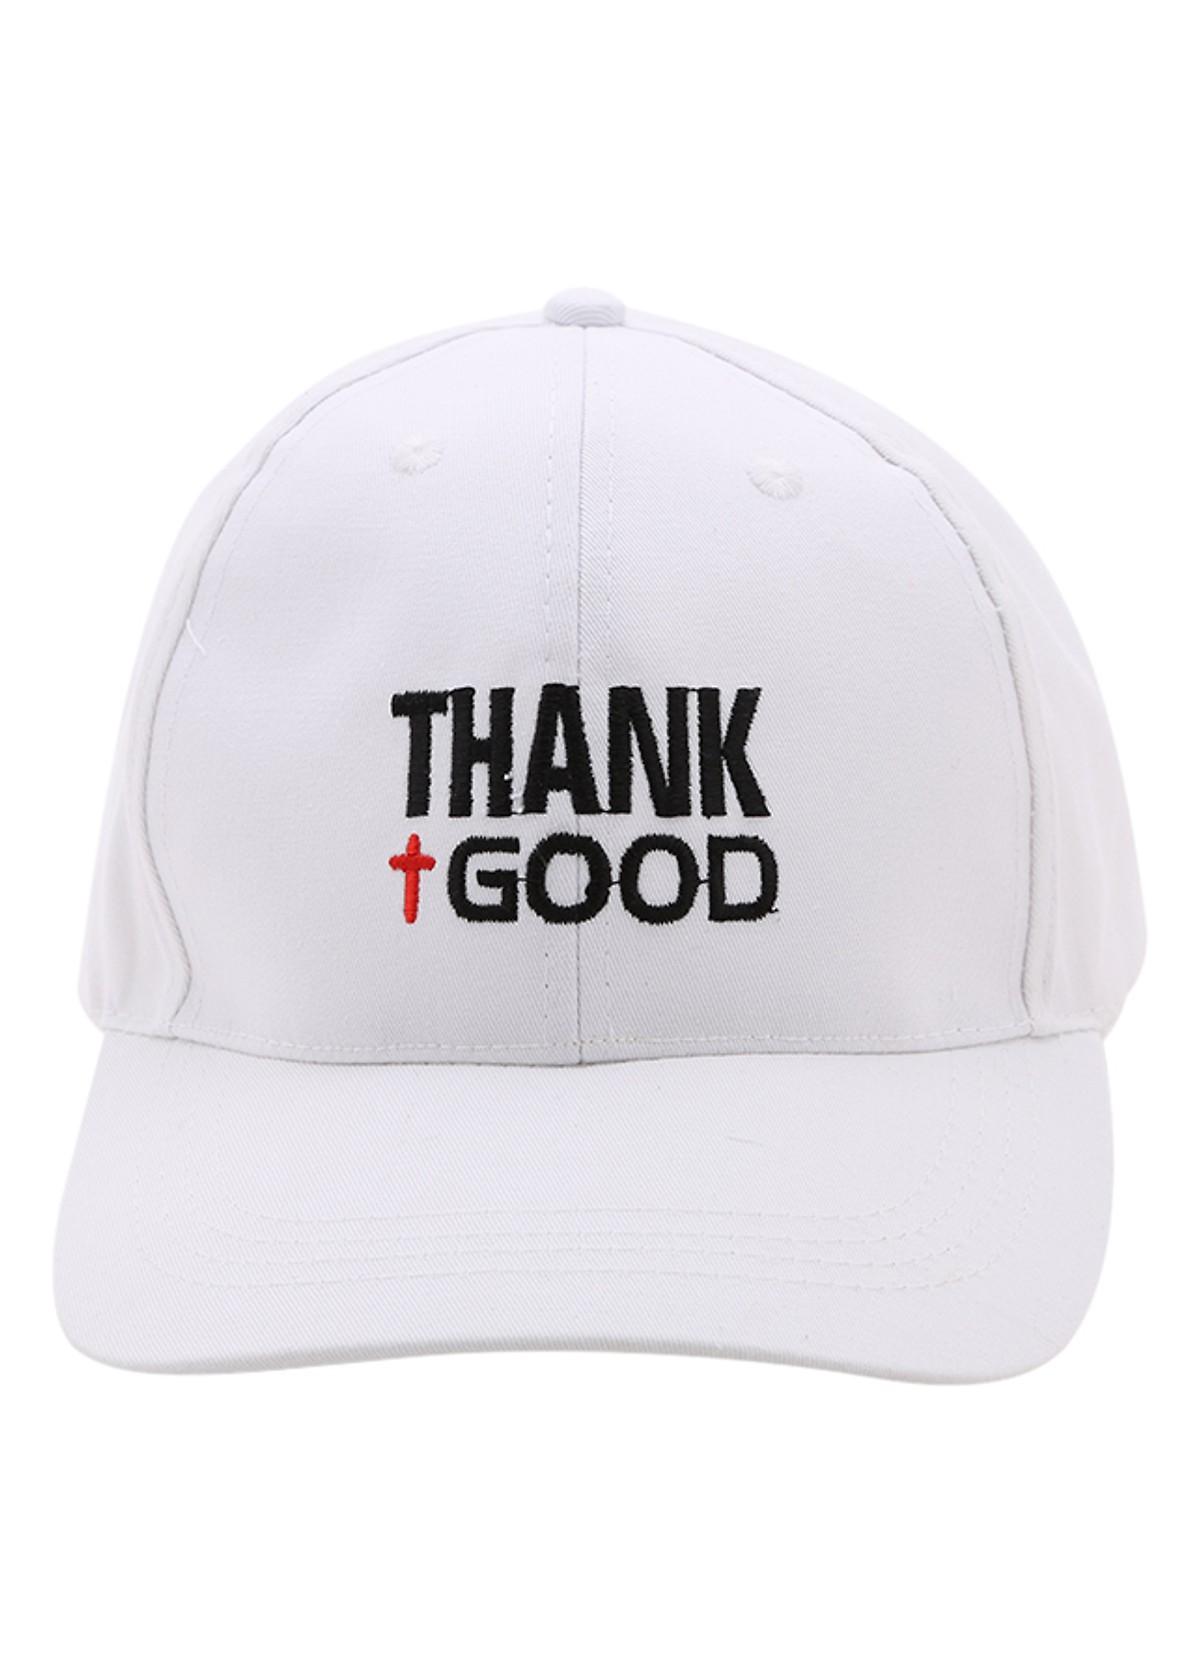 Nón Kết Nón Lưỡi Trai Thank Good